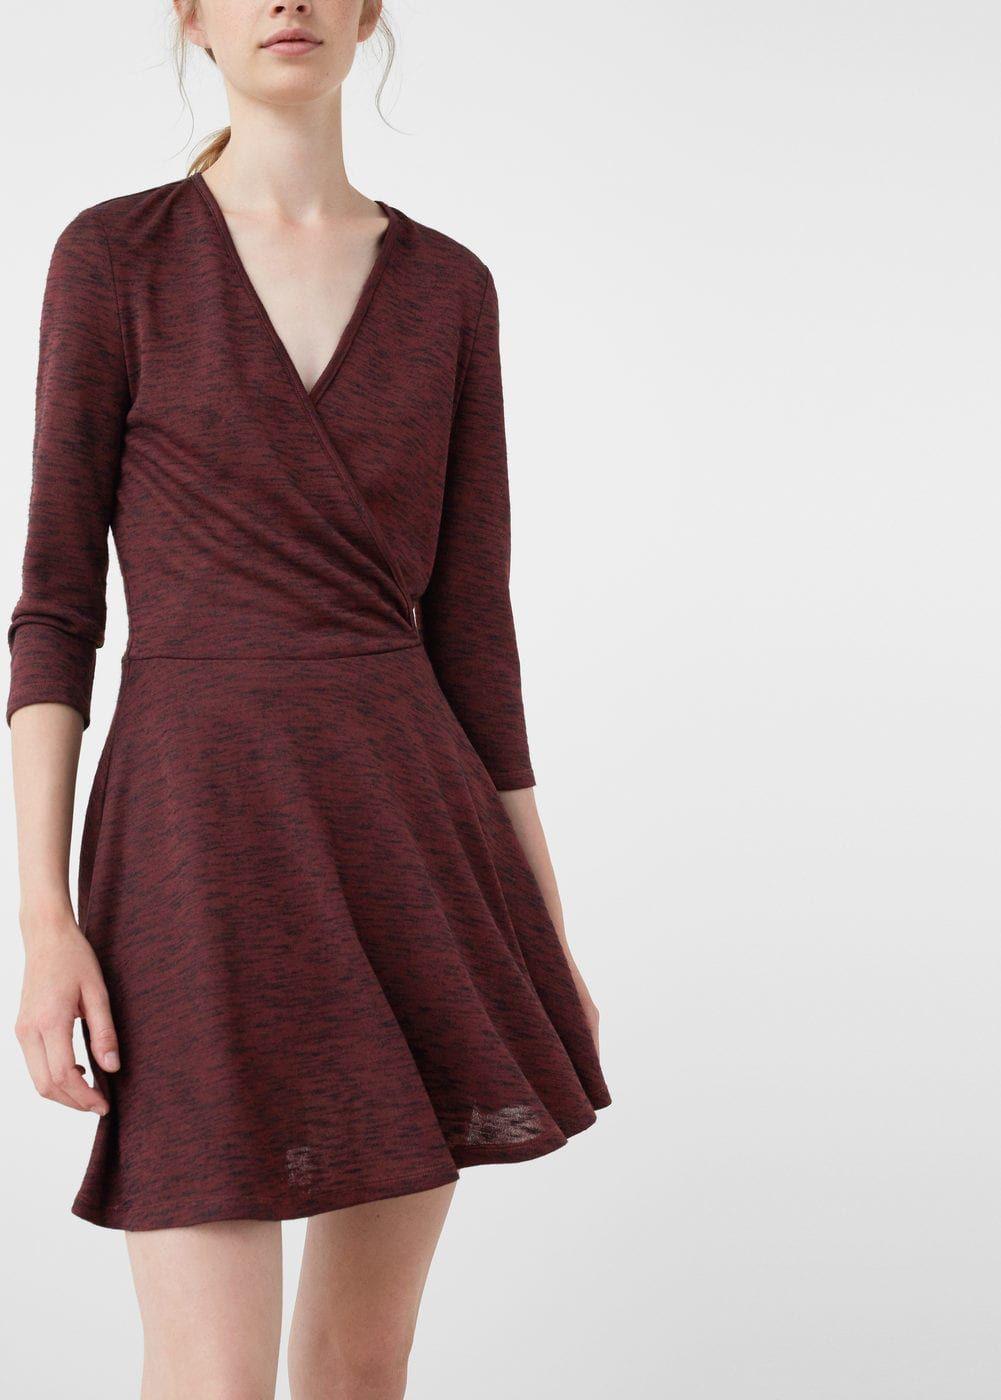 Robe croisée - Femme   Pinterest   Solde hiver, Croisés et Soldes f86e670ff9d8